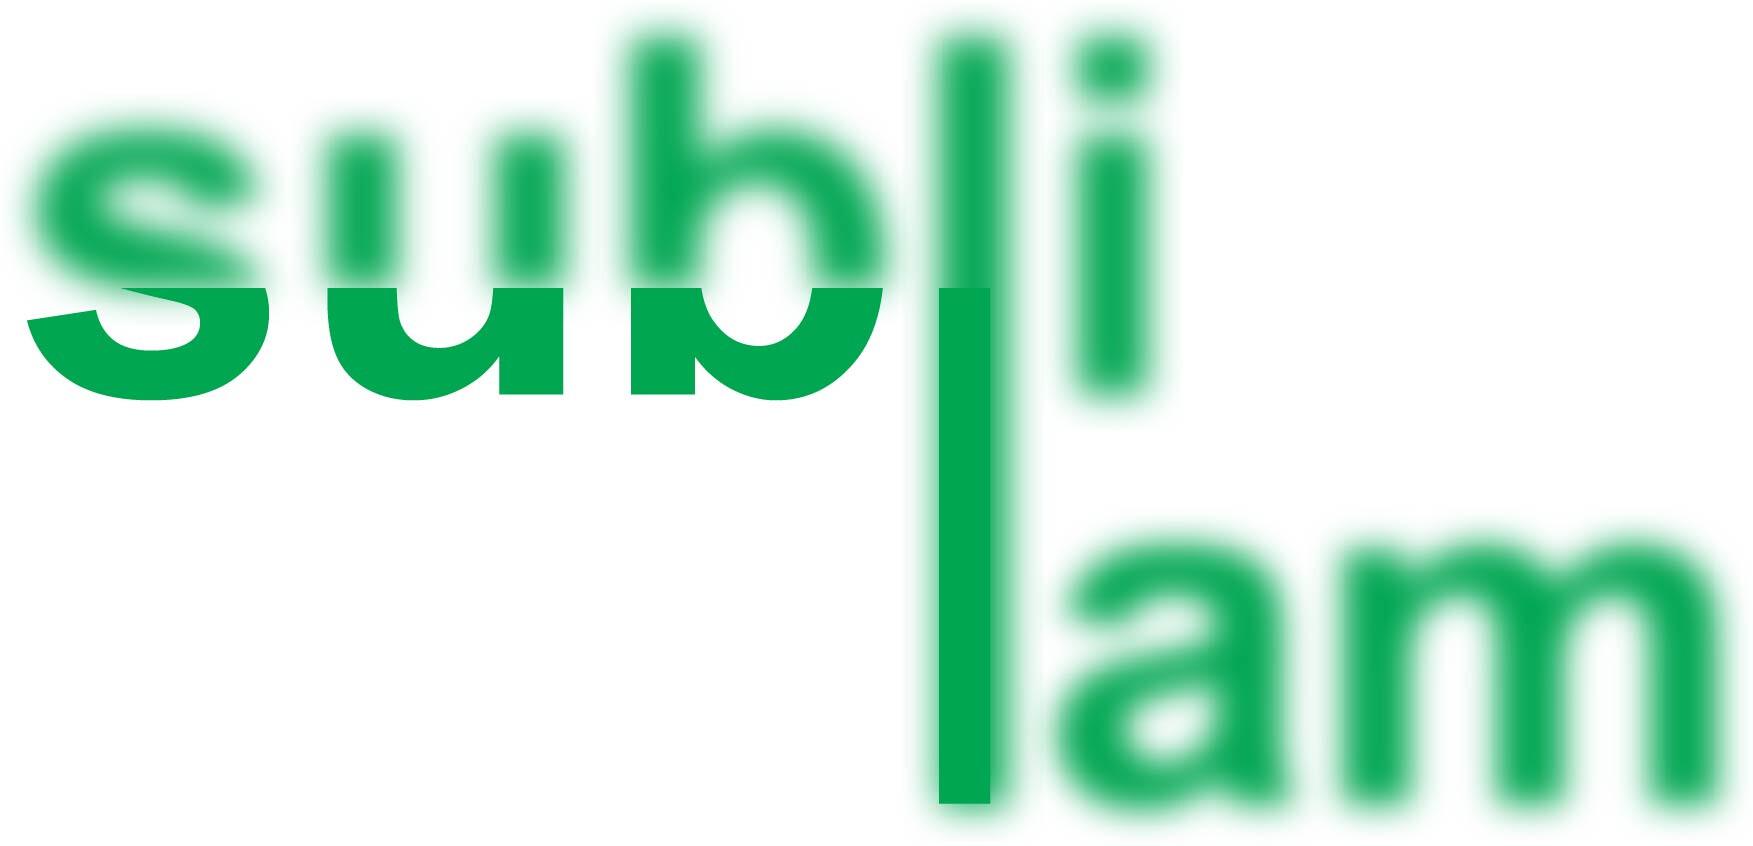 Sublilam